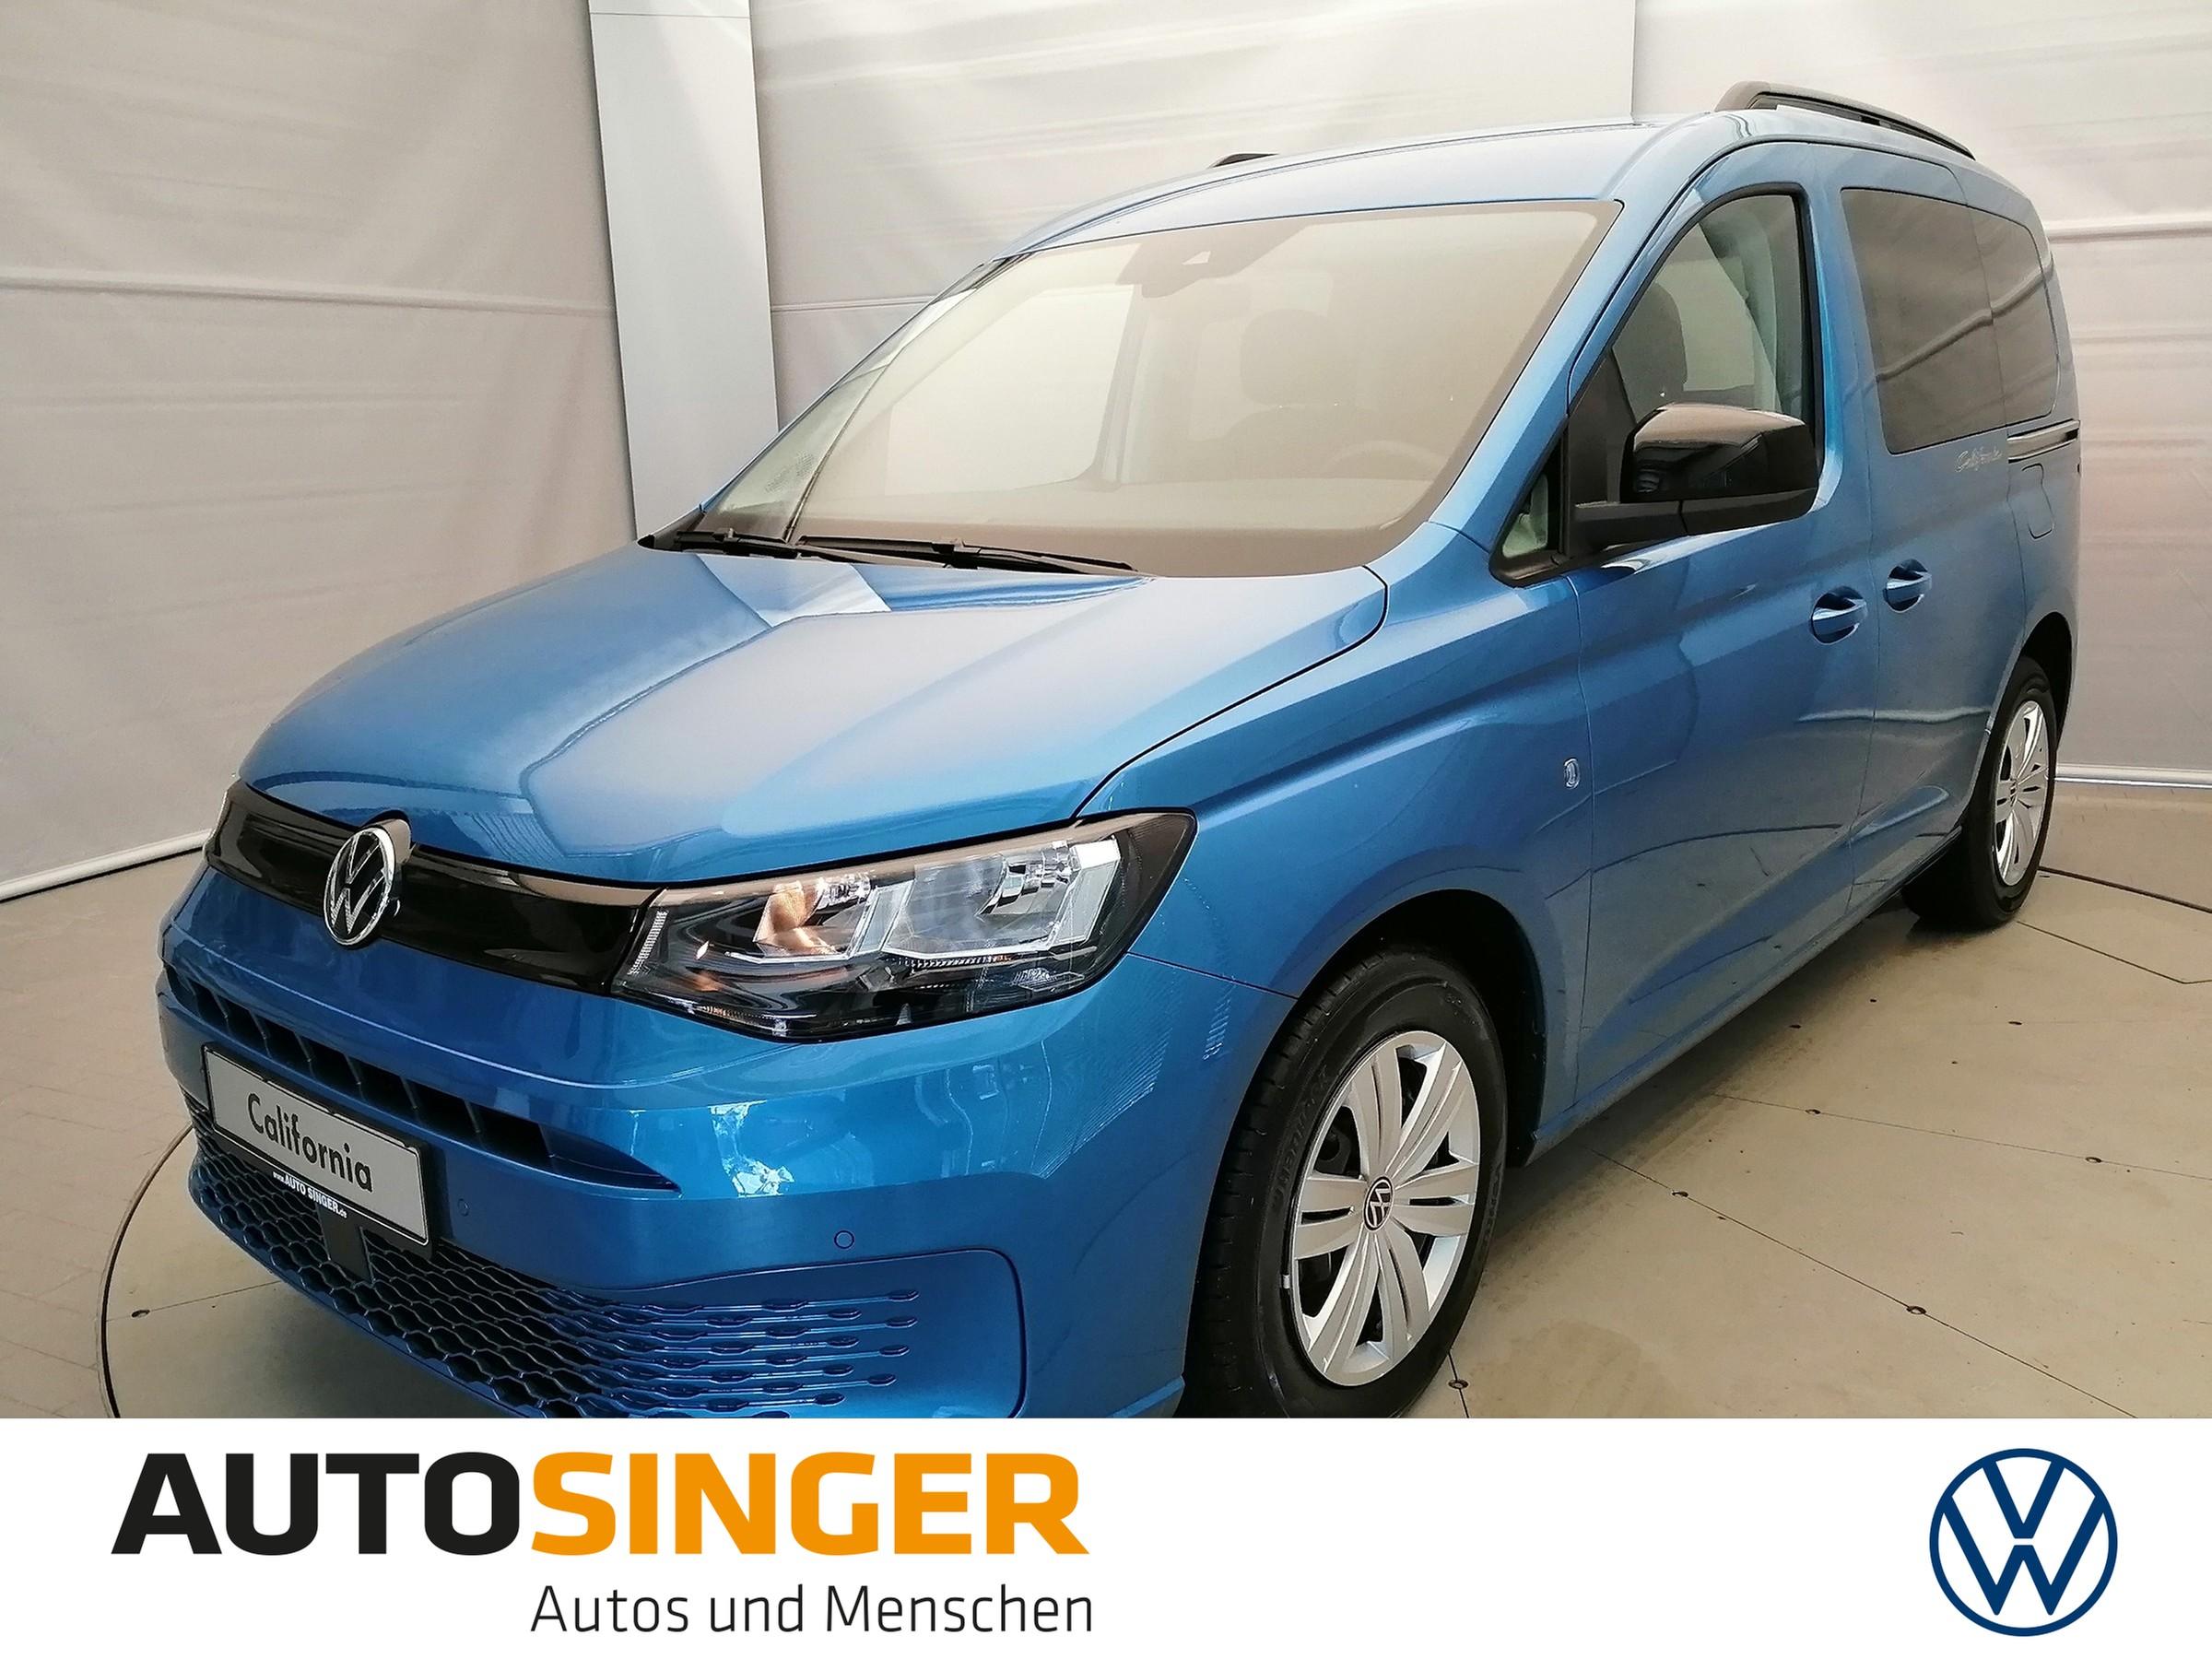 Volkswagen Caddy California 2,0 TDI DSG *Miniküche*AHK*Zusatzheizung*, Jahr 2021, Diesel